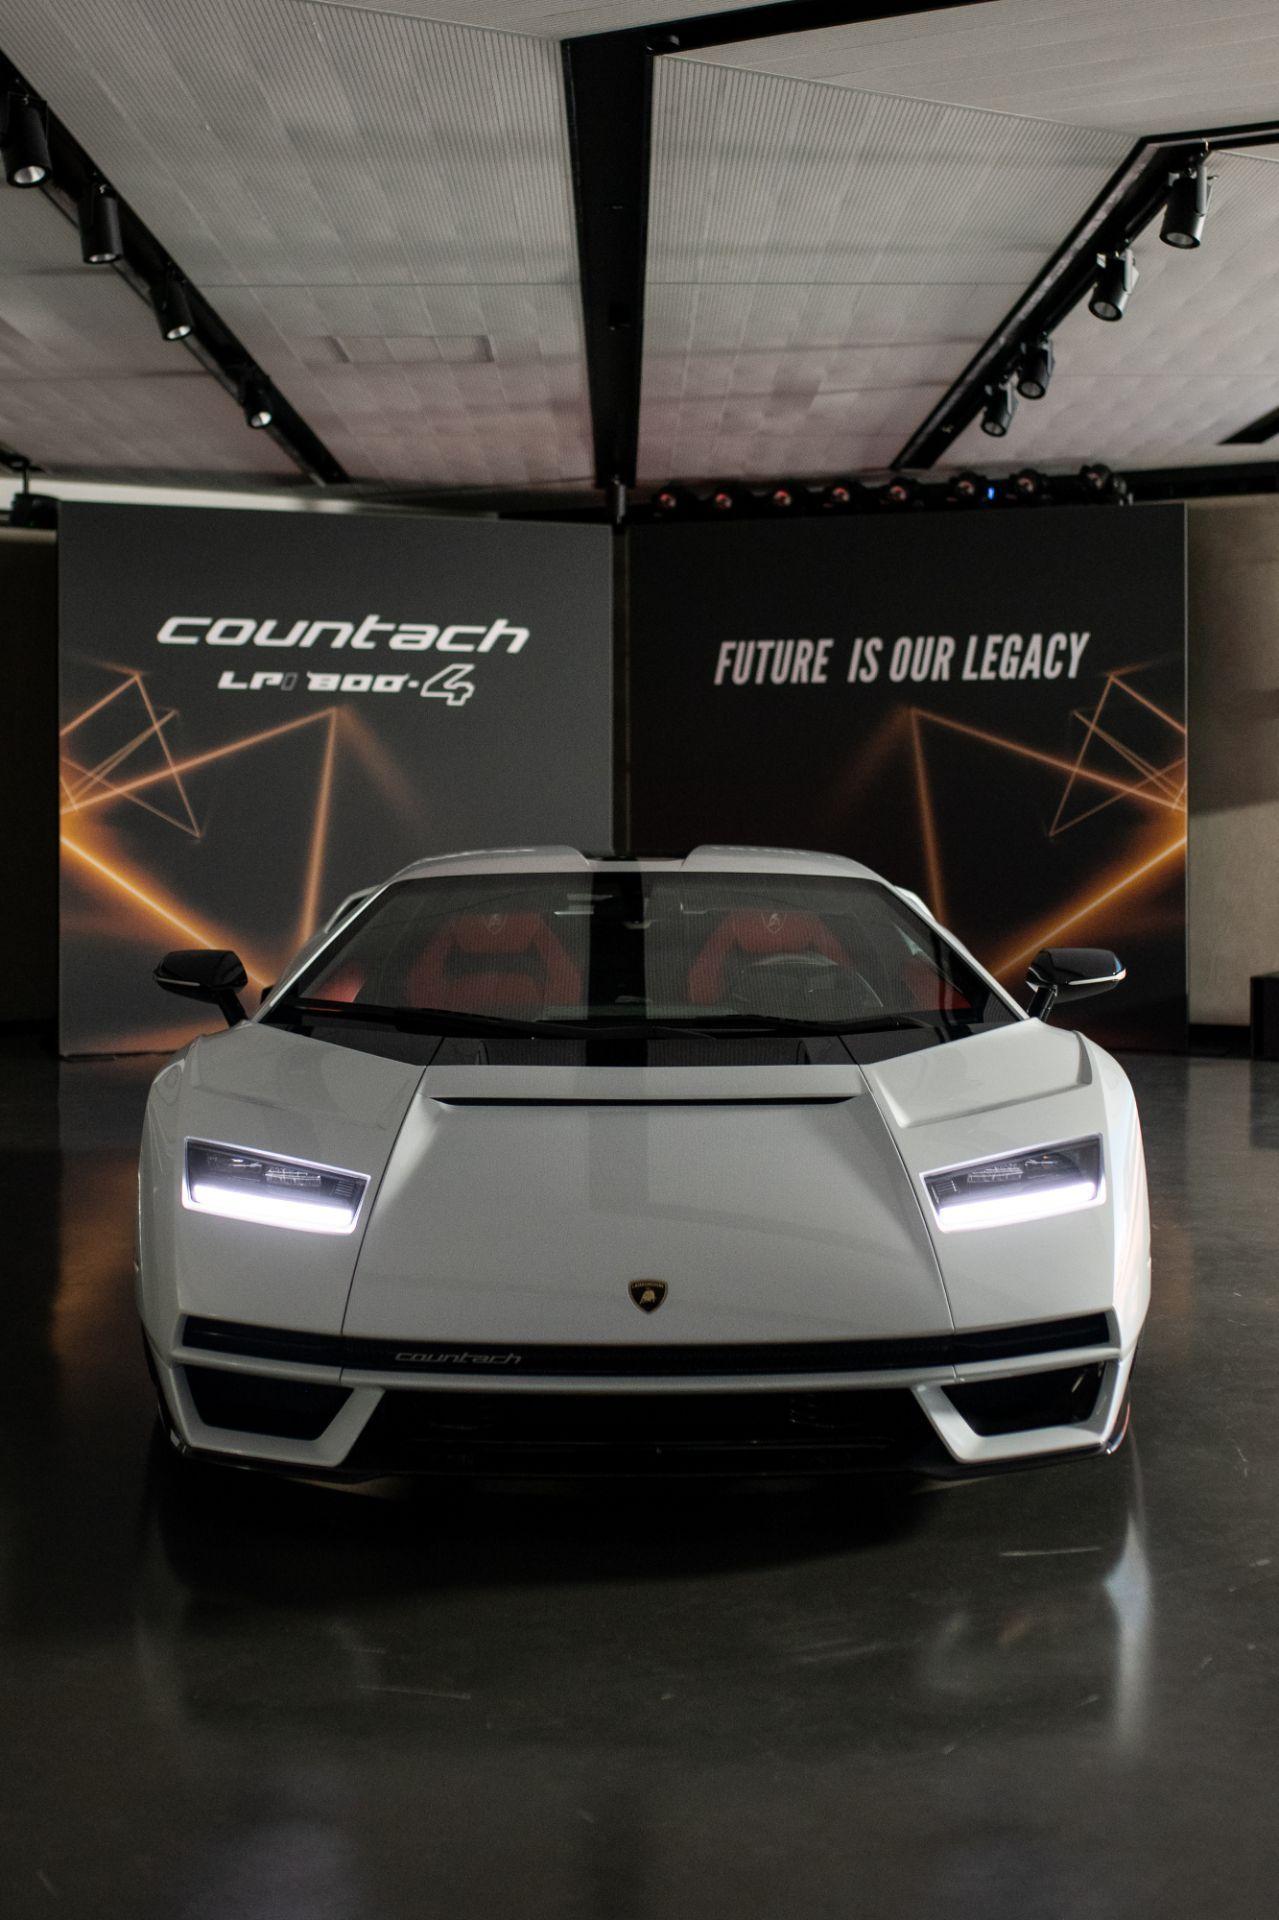 Lamborghini-Countach-LPI-800-4-10